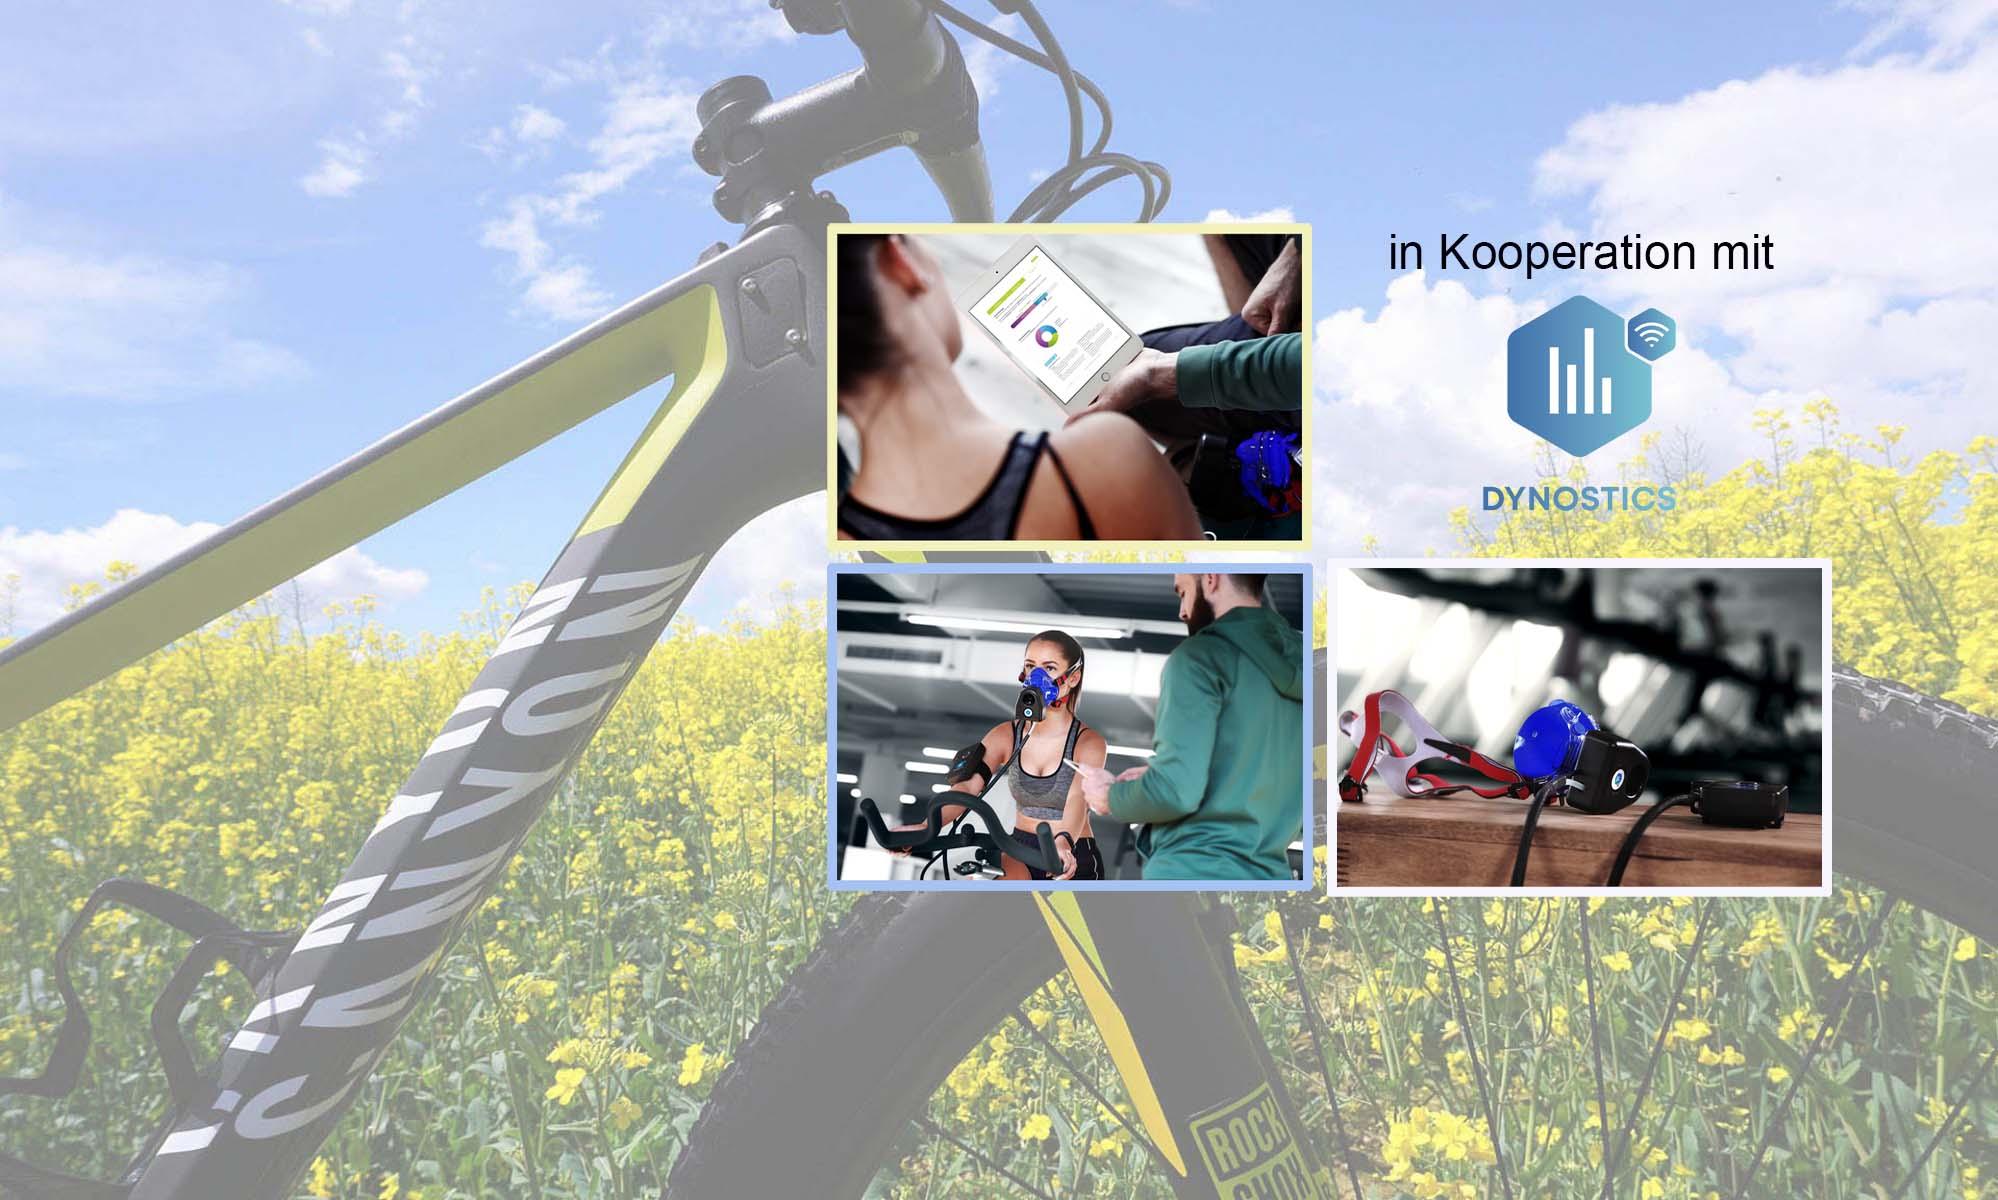 bikesport.pro - Individuelle Ernährungs- und Trainingsstrategie